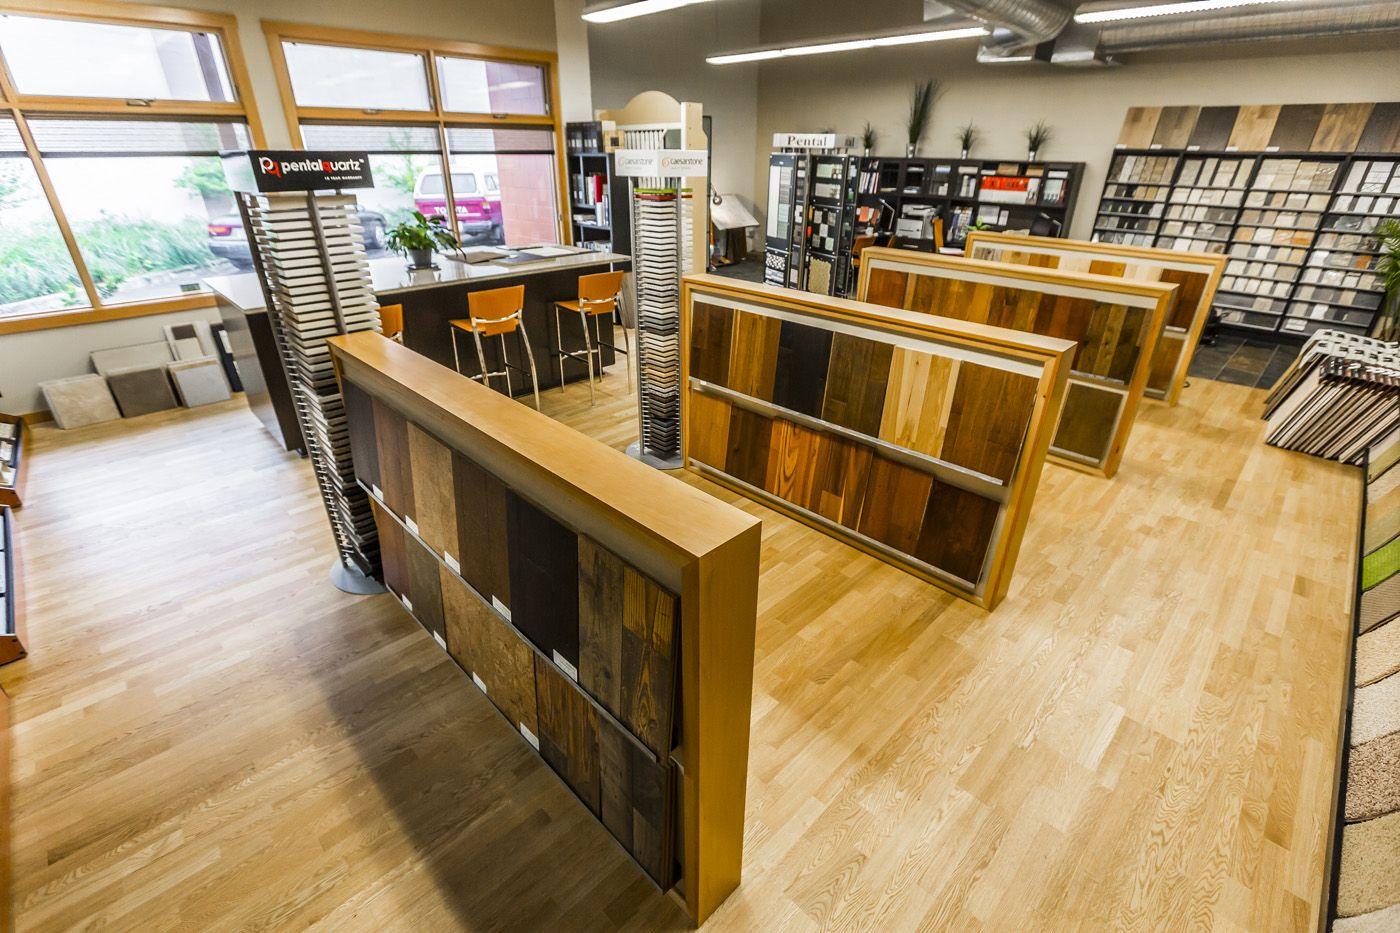 Küchen-designmöbel best flooring showroom  google search  ausstellung  pinterest  holz